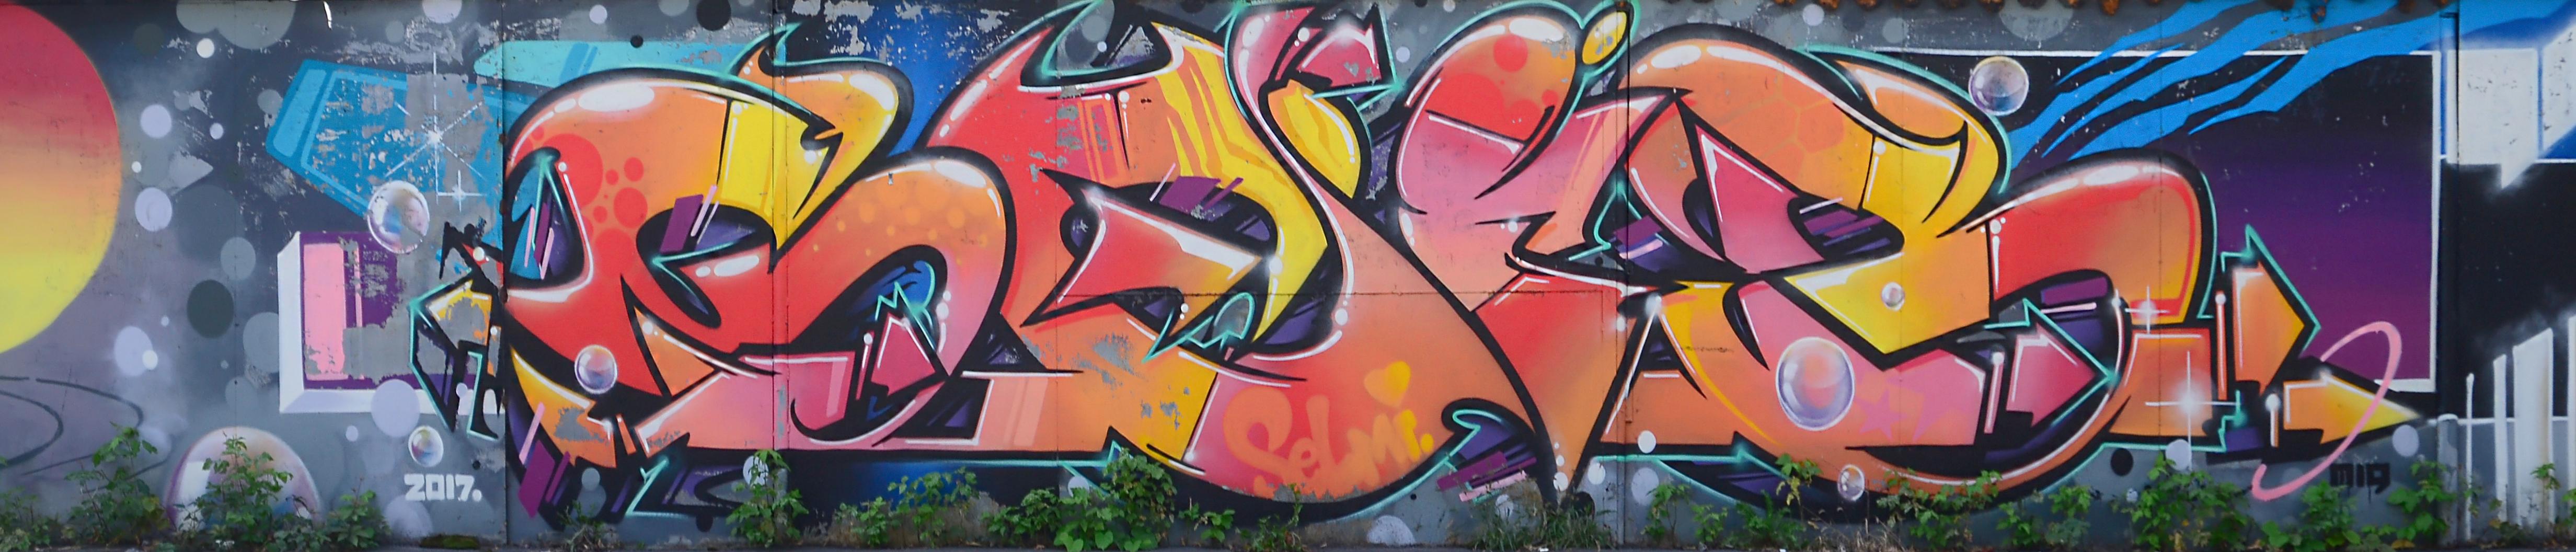 Fragment of graffiti drawings